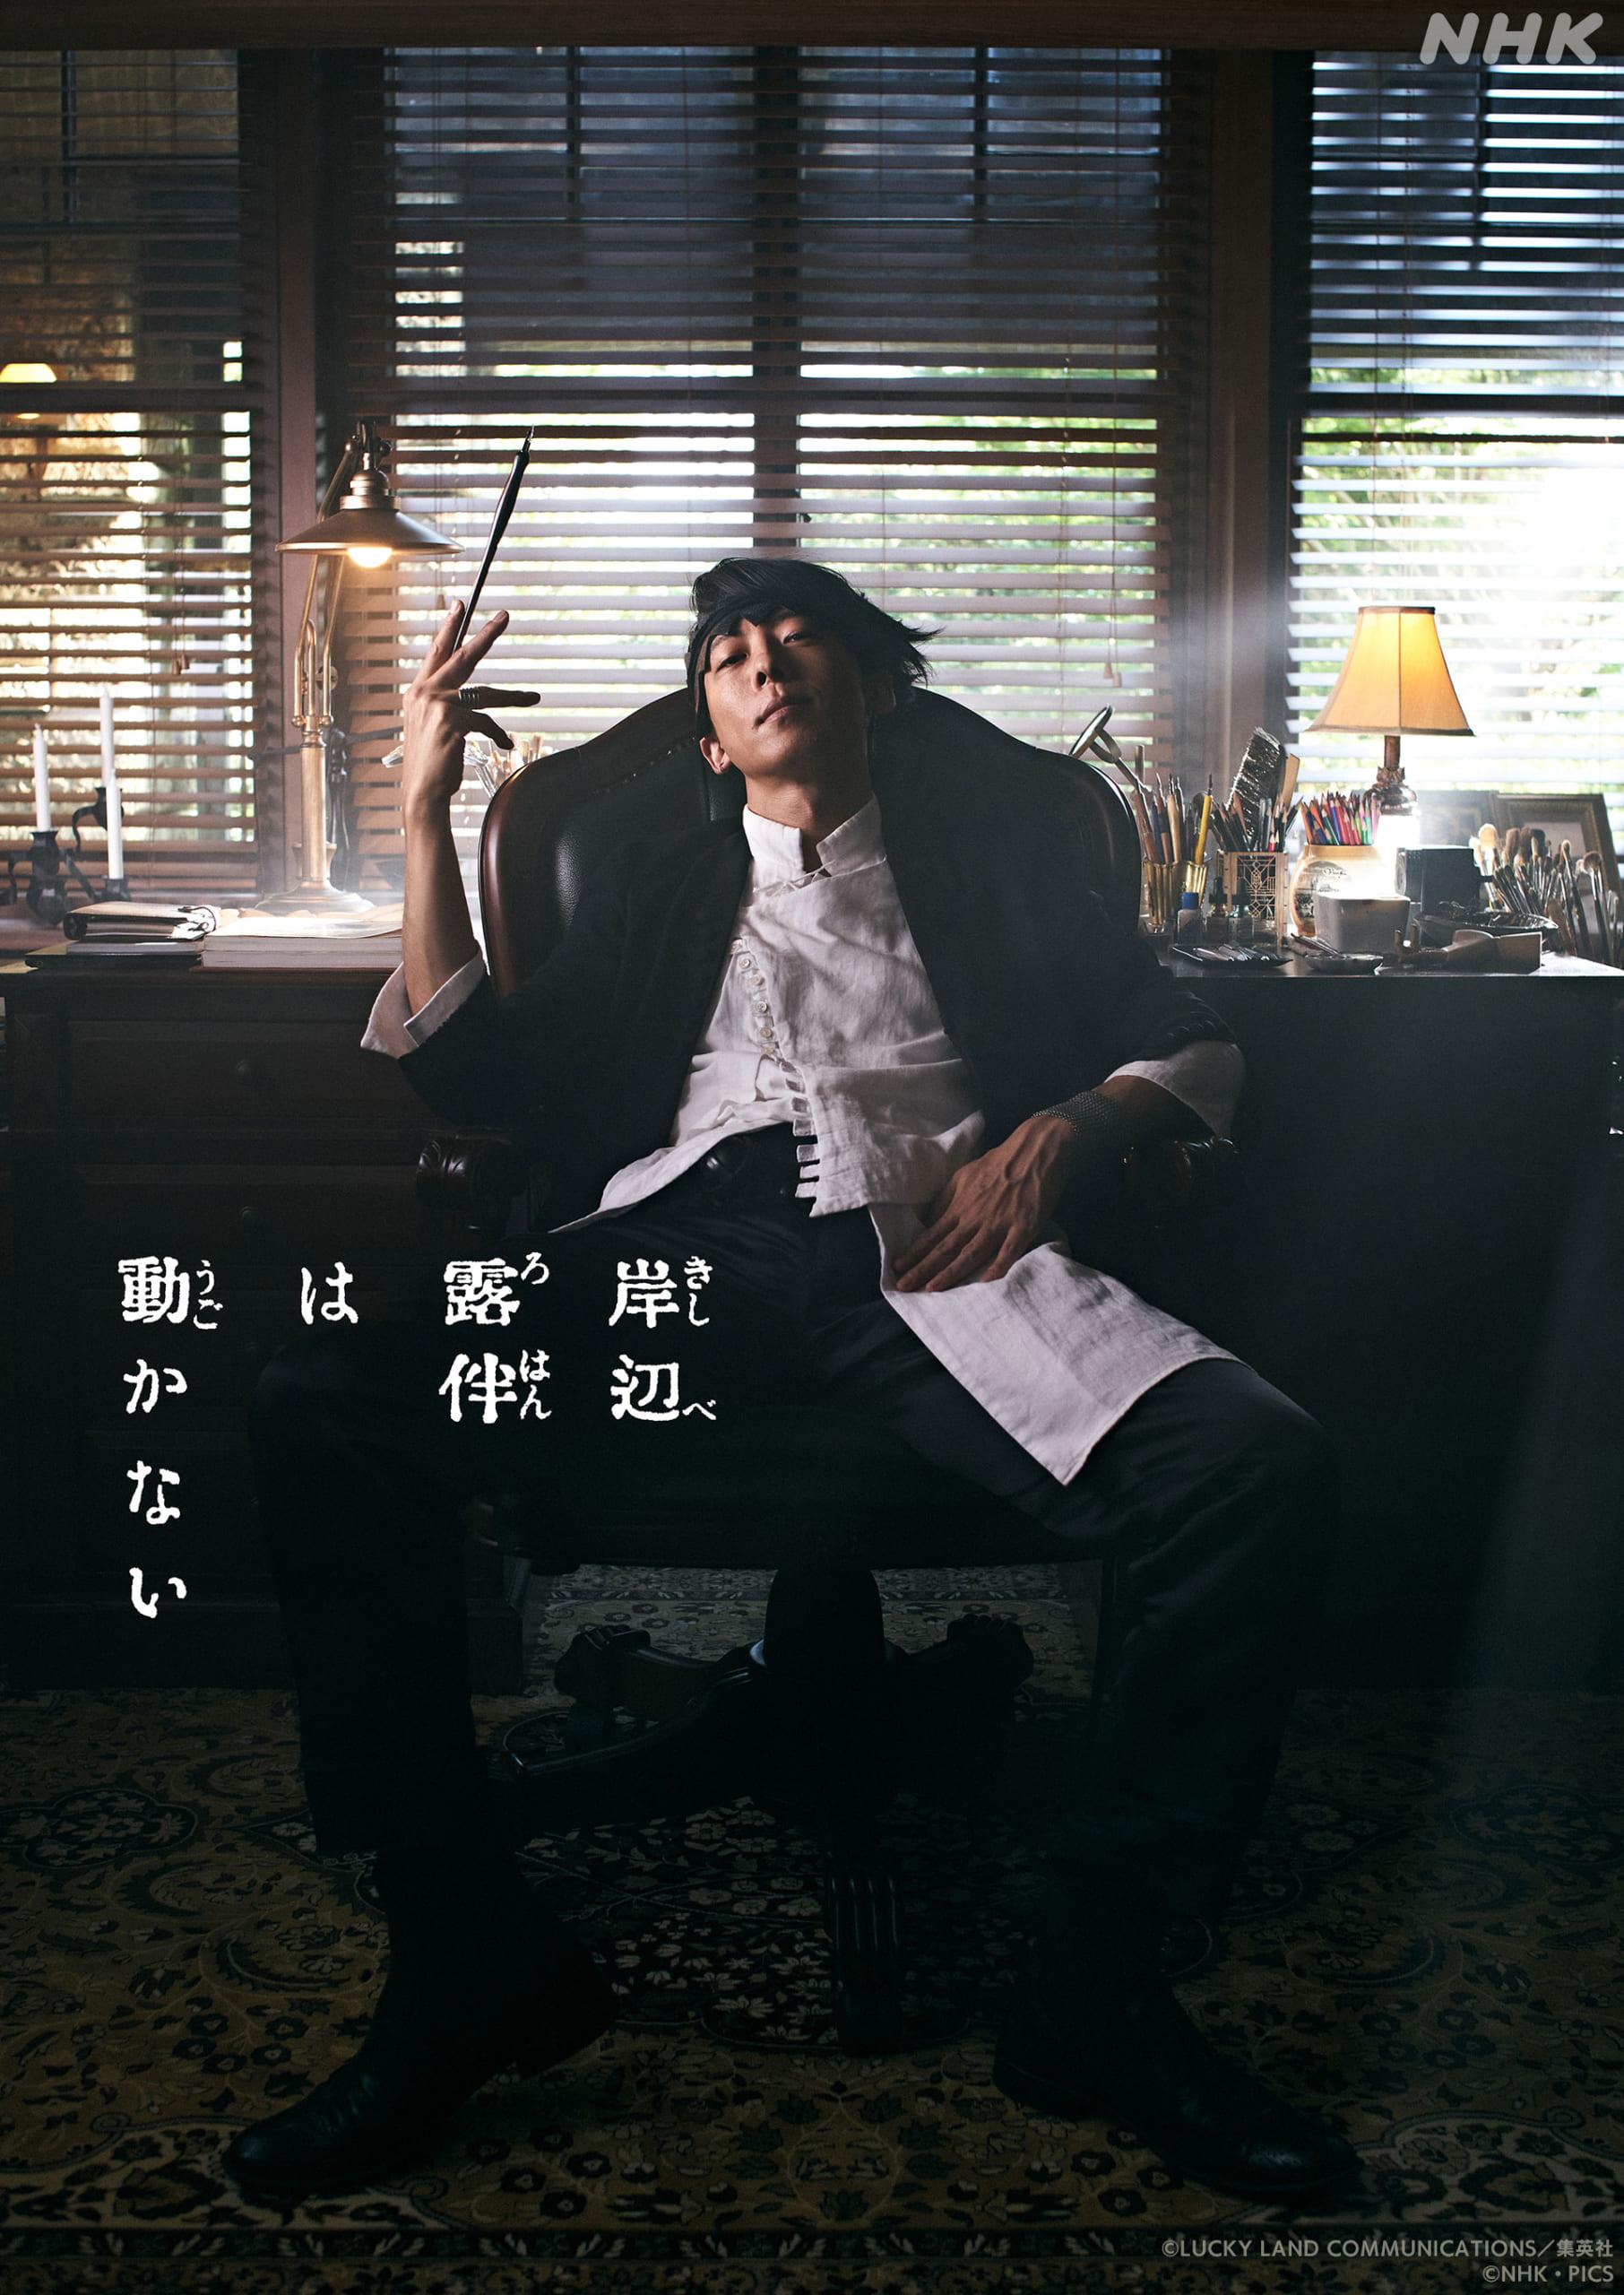 ドラマ「岸辺露伴は動かない」字幕、個人差のあるヘブンズ・ドアー、カット割、櫻井孝宏さんの出演など…制作陣のこだわりが話題にッ!